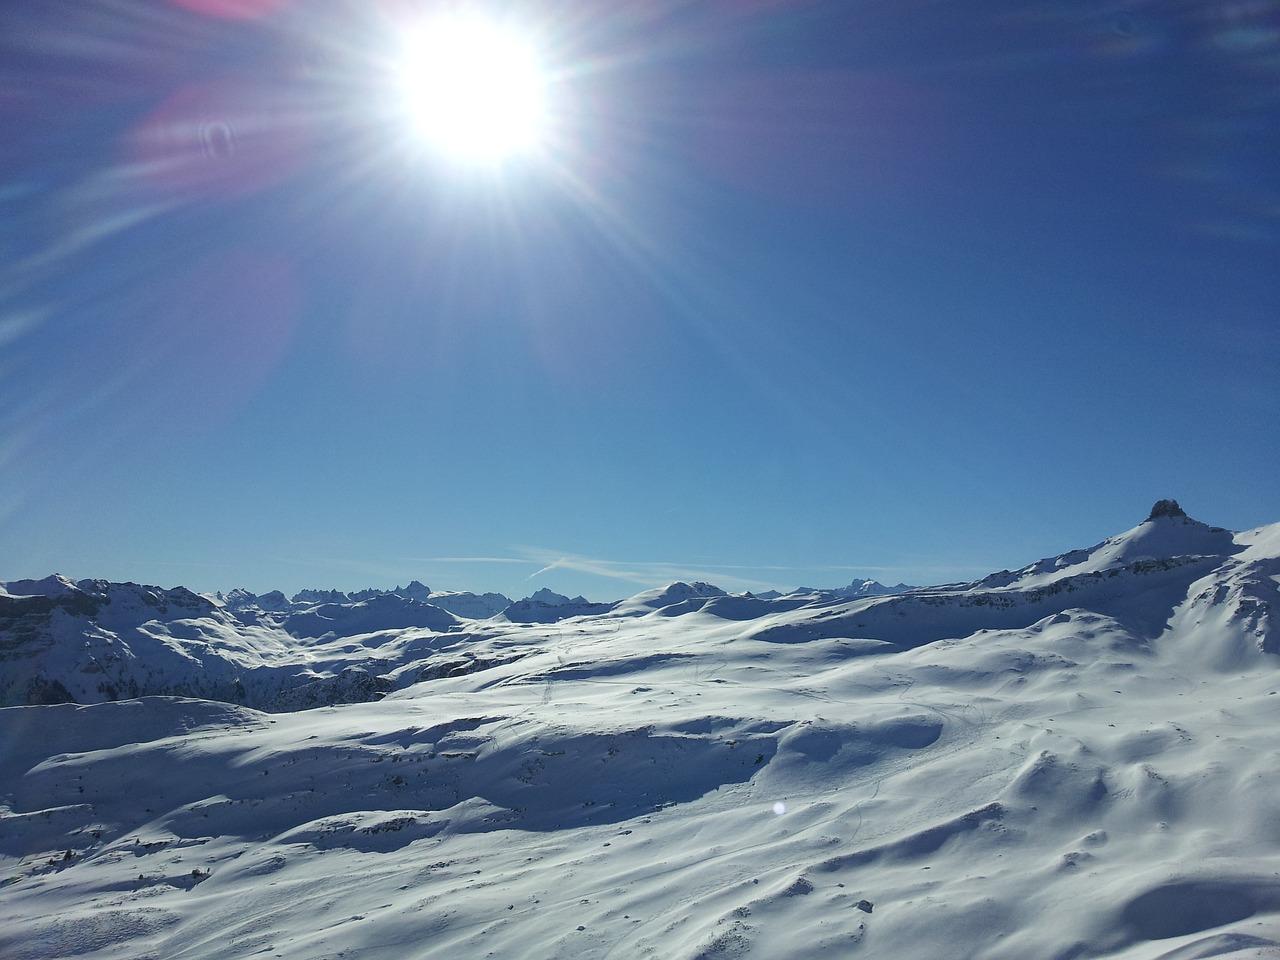 соглашаюсь фото солнце в снежных горах отличает